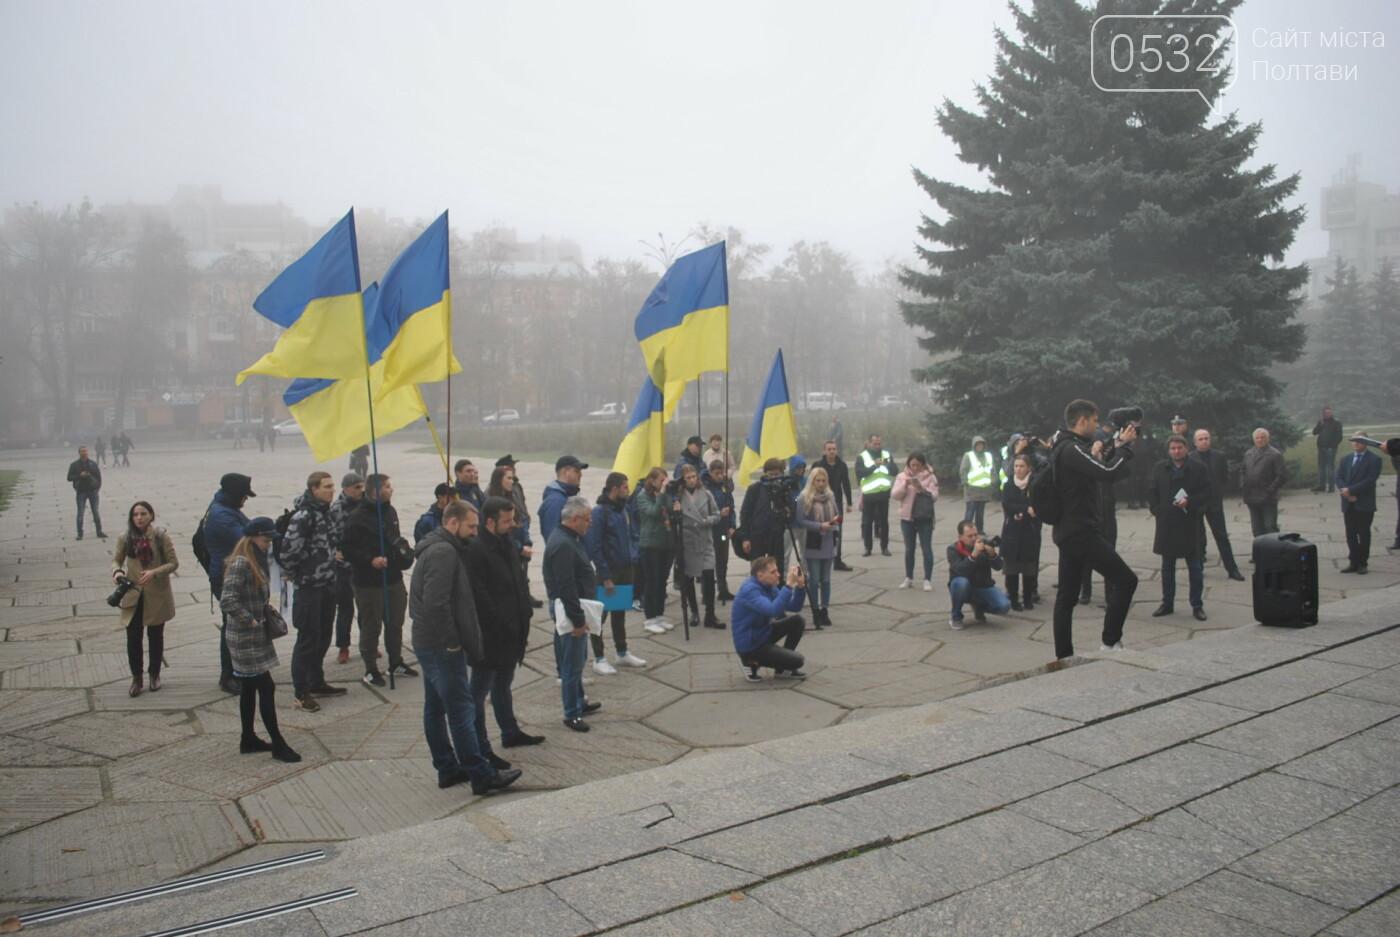 У Полтаві акція «Ні капітуляції!» зібрала більше журналістів, ніж протестувальників (ФОТО), фото-2